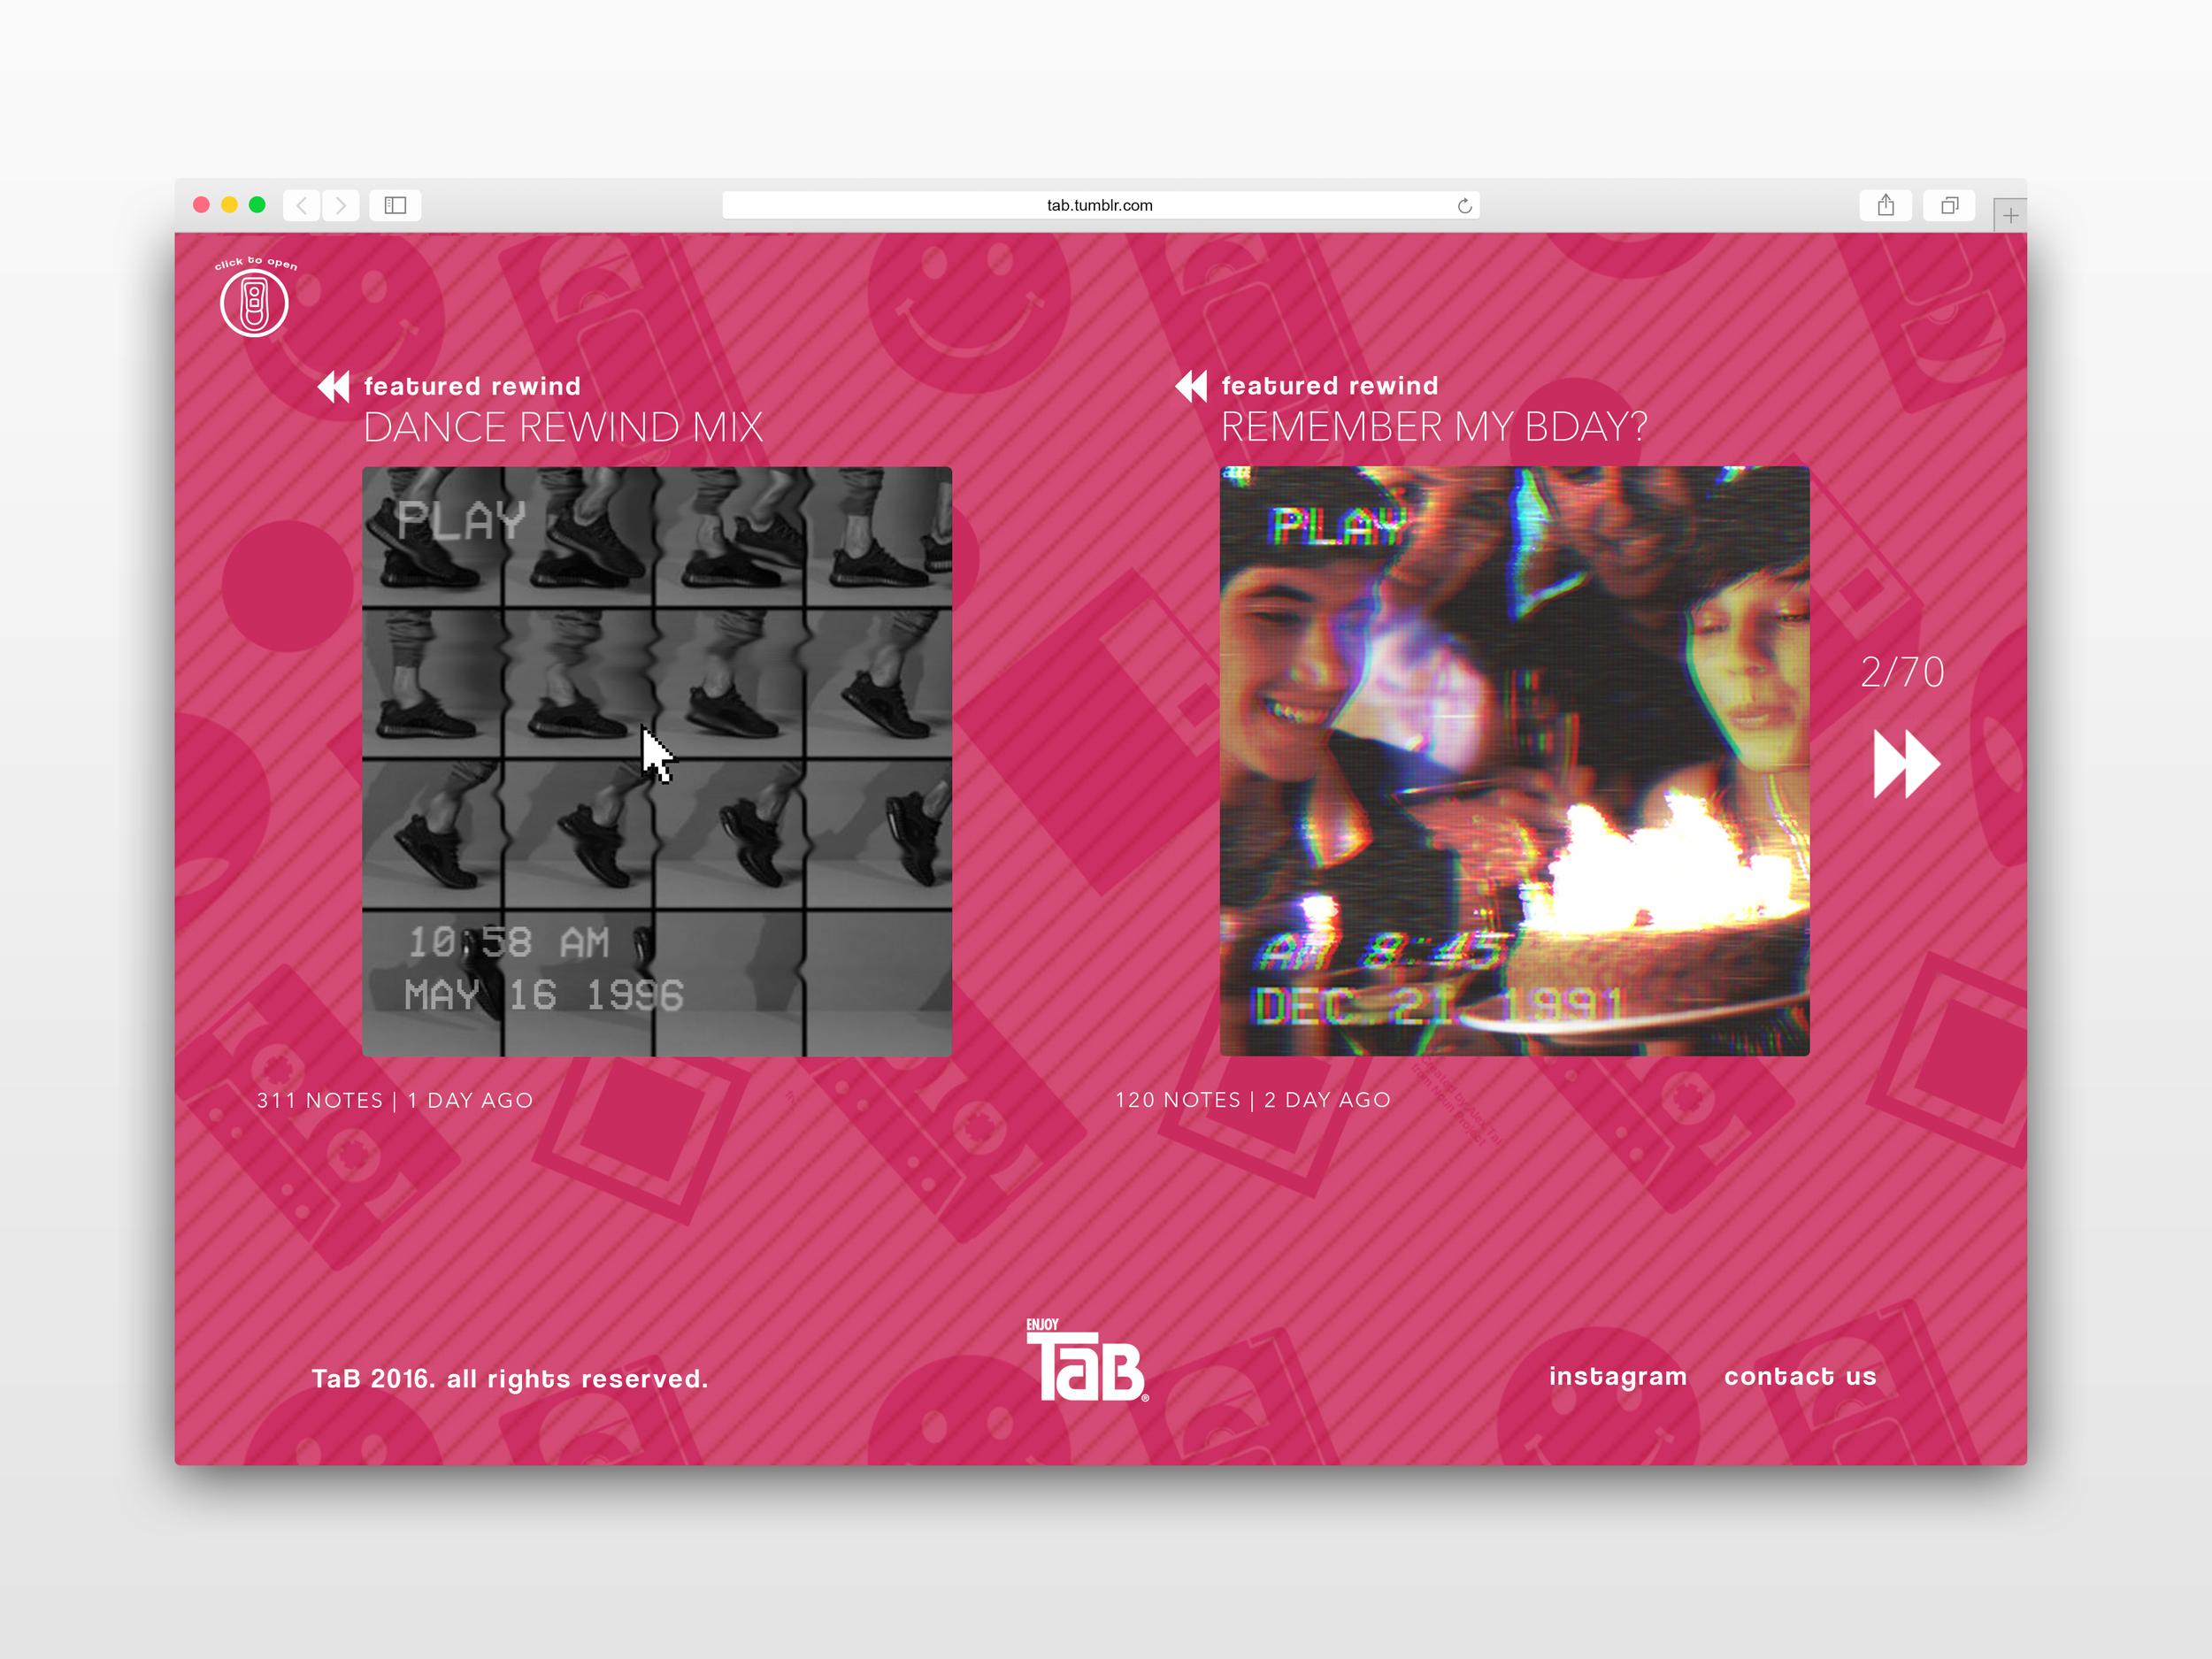 TaB Tumblr site showcases Rewind app content.